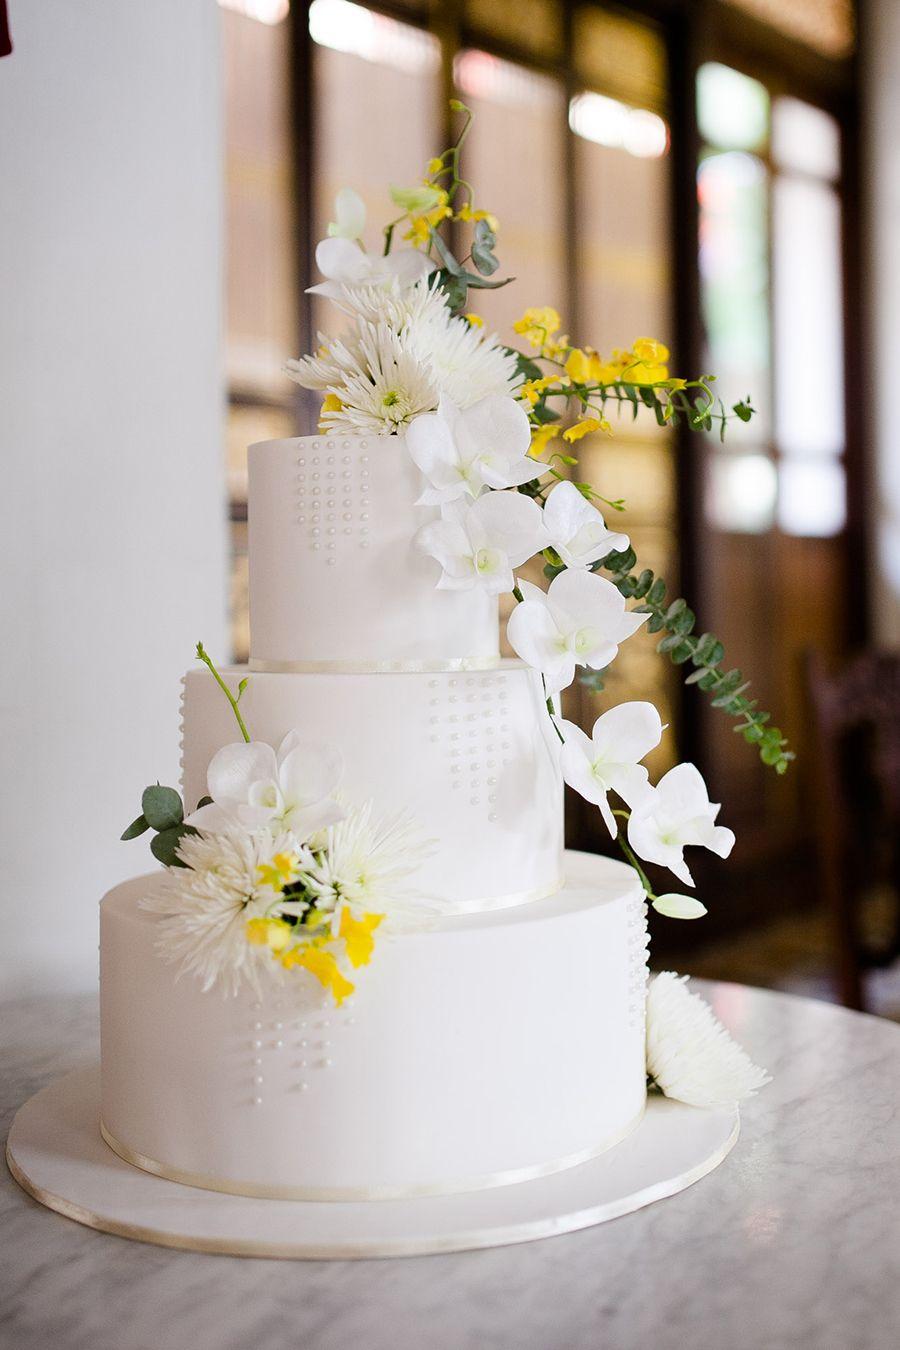 Top 10 Wedding Cake Creators in Malaysia - Part 1 | Malaysia ...